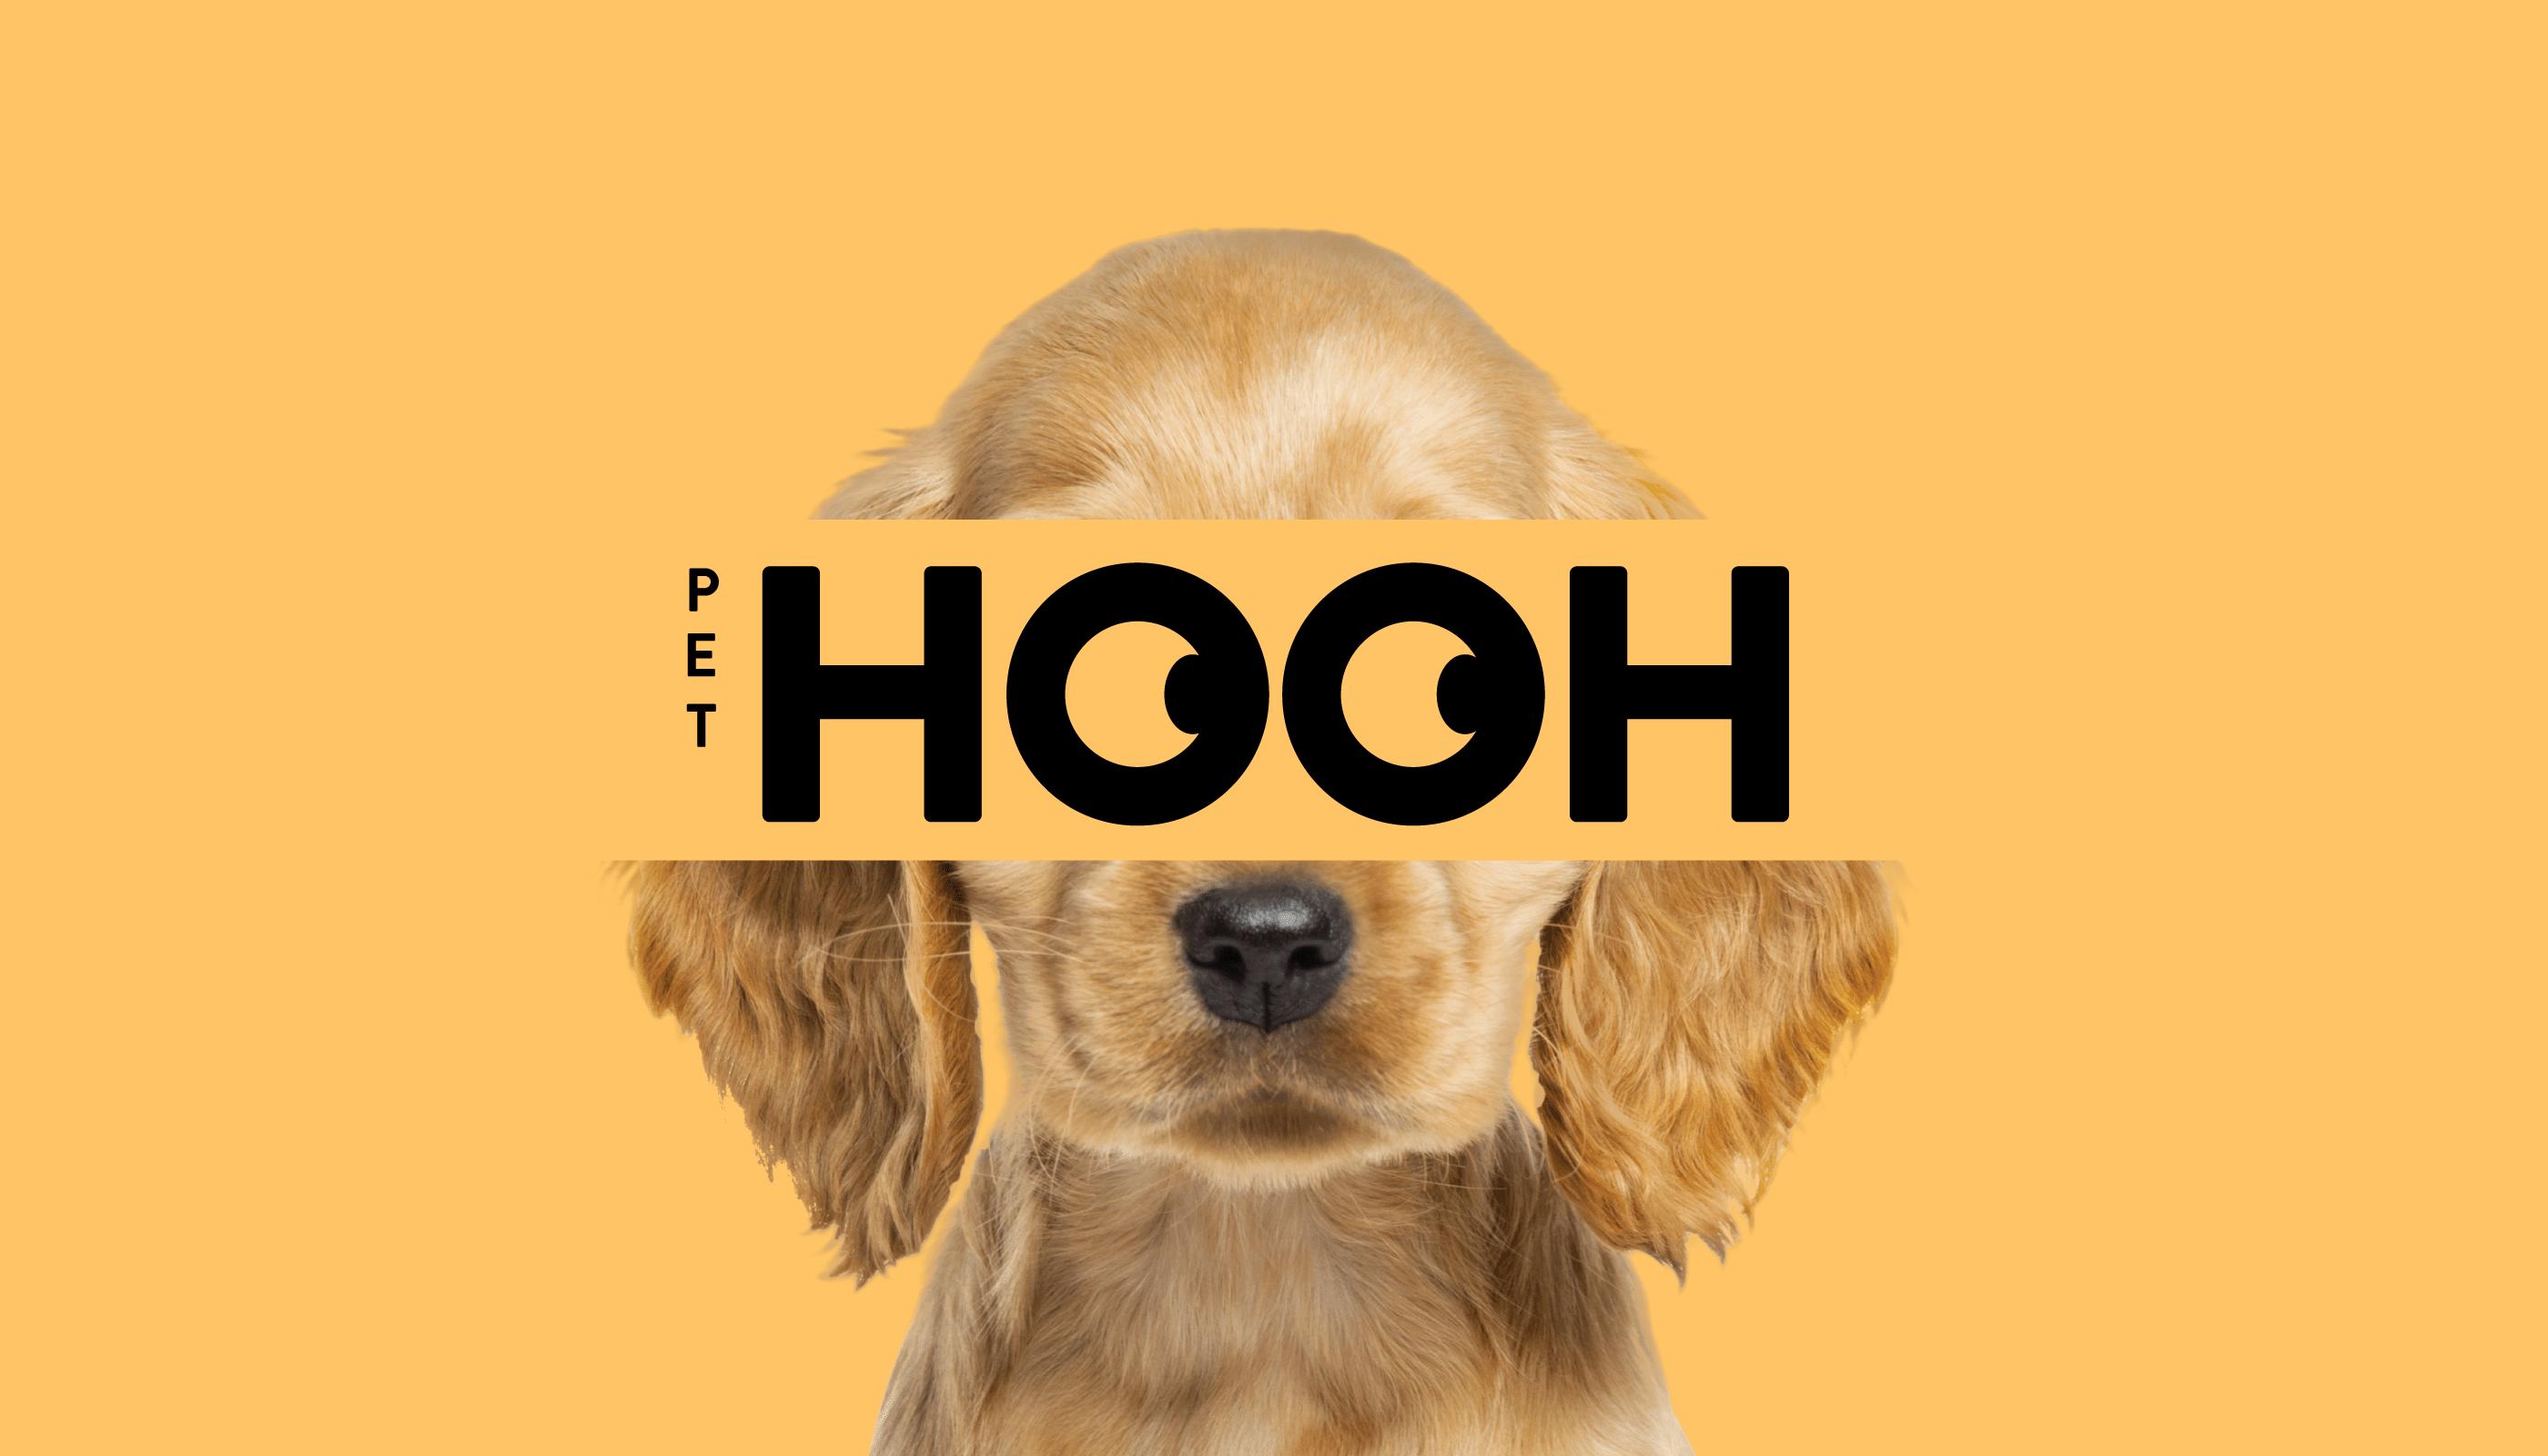 电商宠物品牌logo设计案例分享